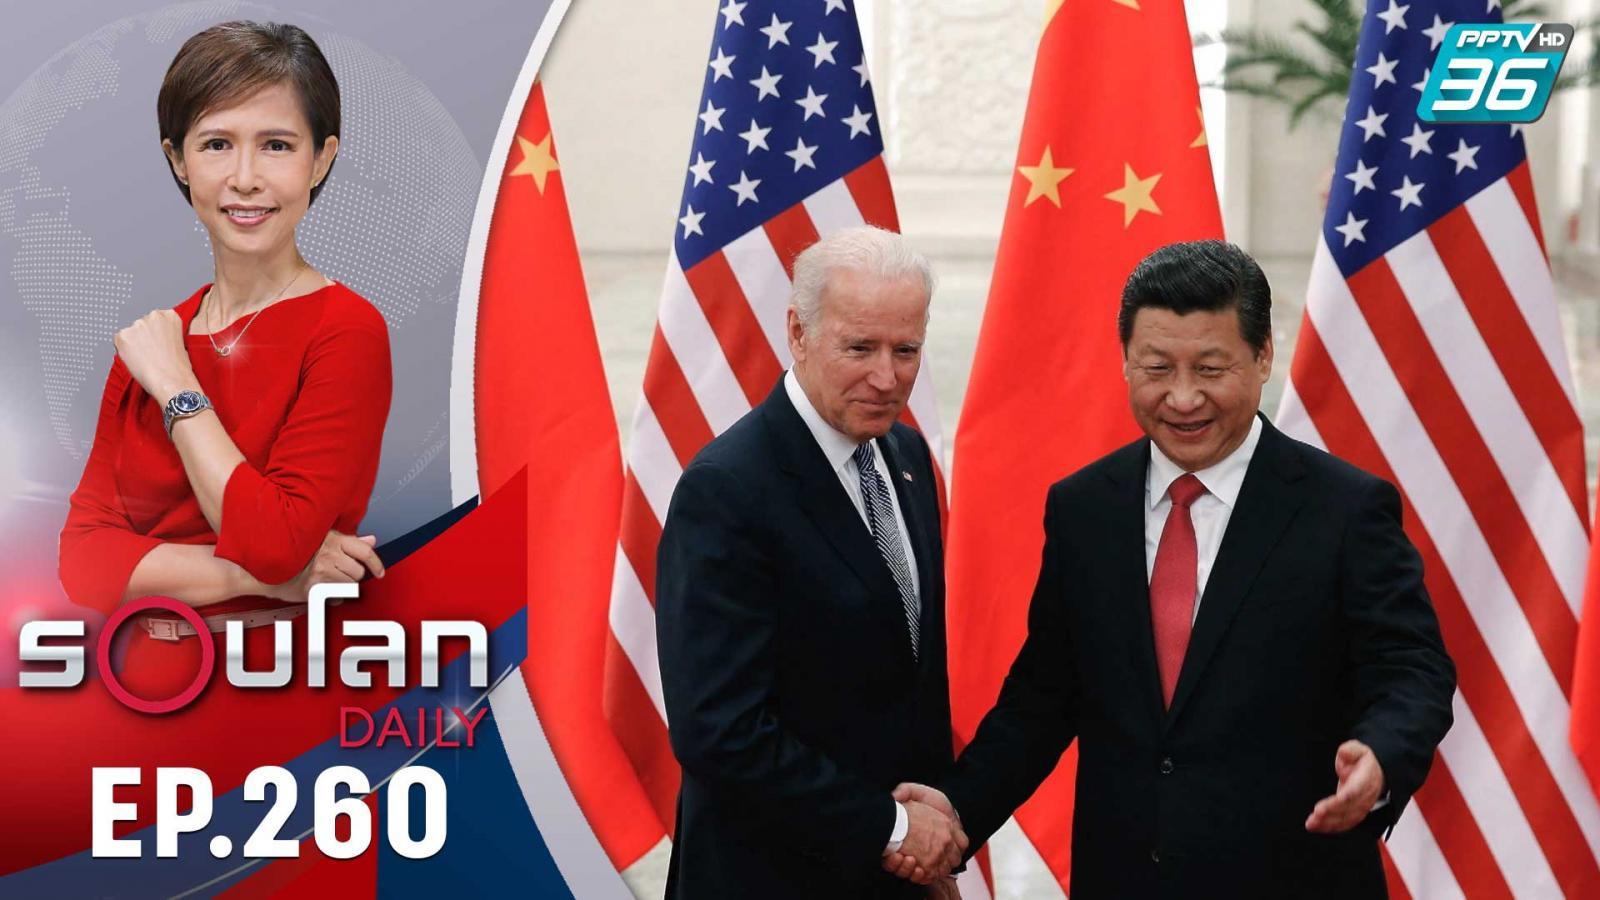 ไบเดนกังขาจีน เกี่ยวกับต้นกำเนิดโควิด-19 | 17 มิ.ย. 64 | รอบโลก DAILY